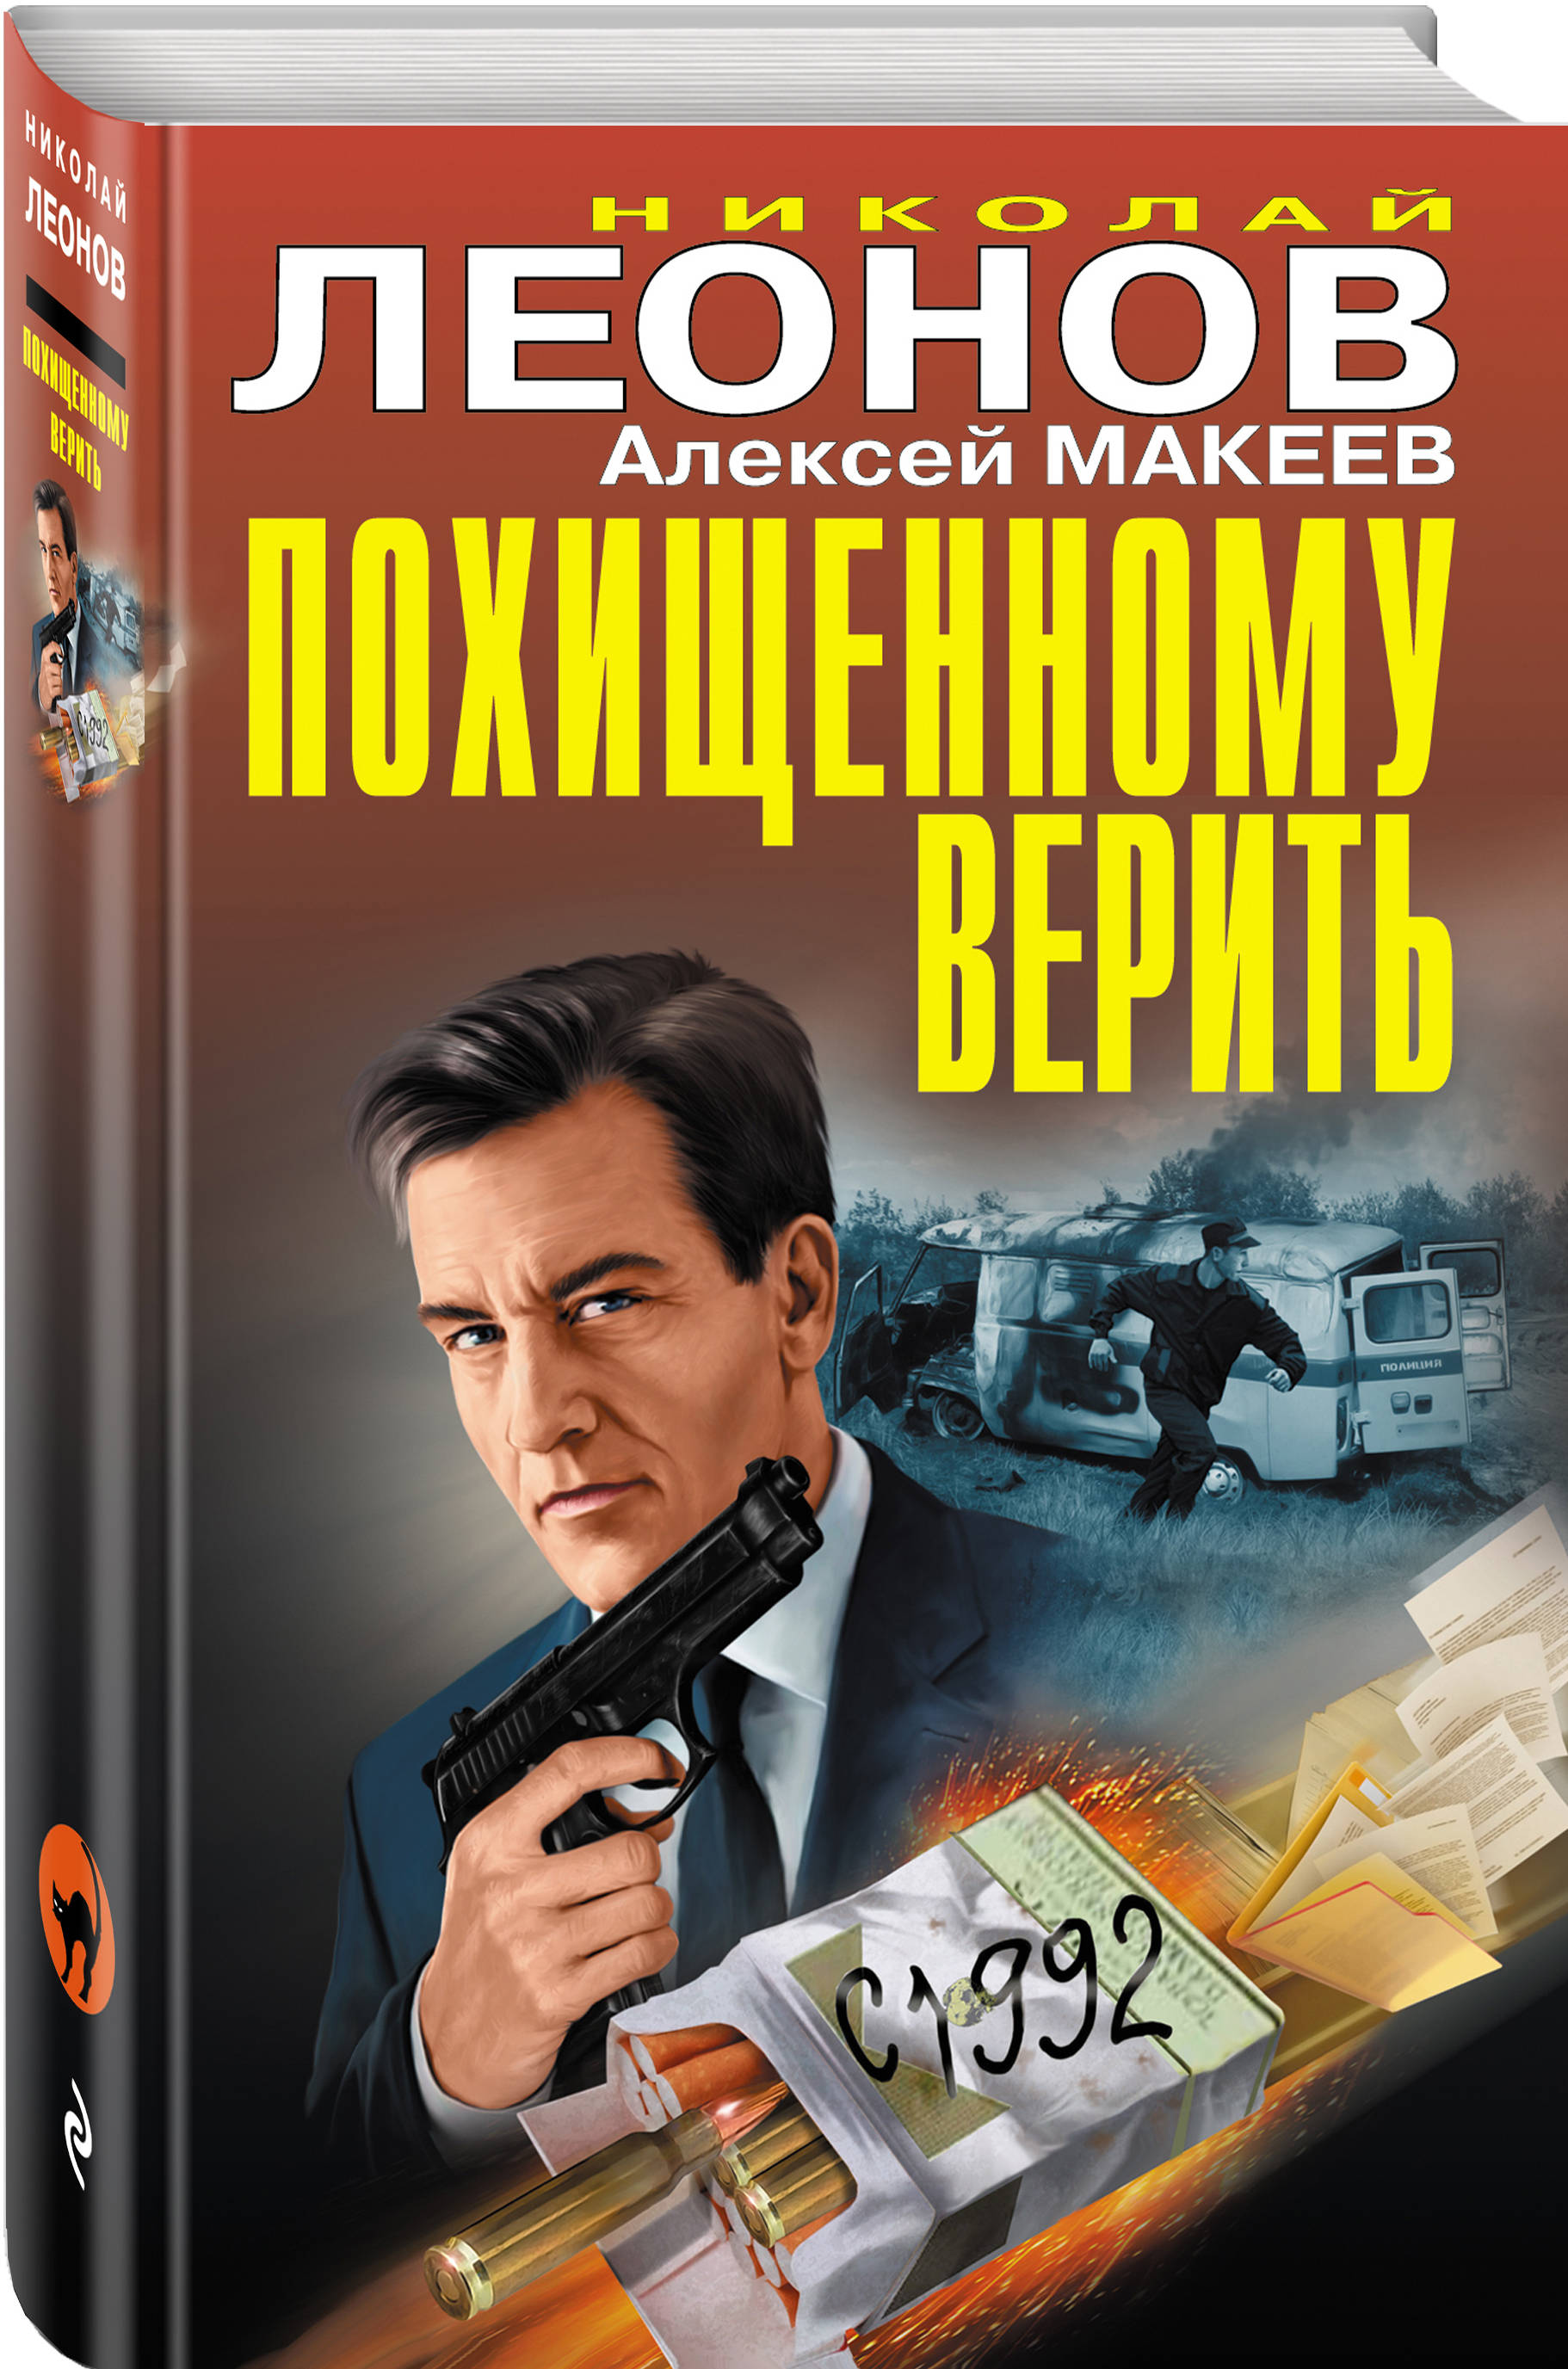 Николай Леонов, Алексей Макеев Похищенному верить макеев алексей компьютер для дома и семьи